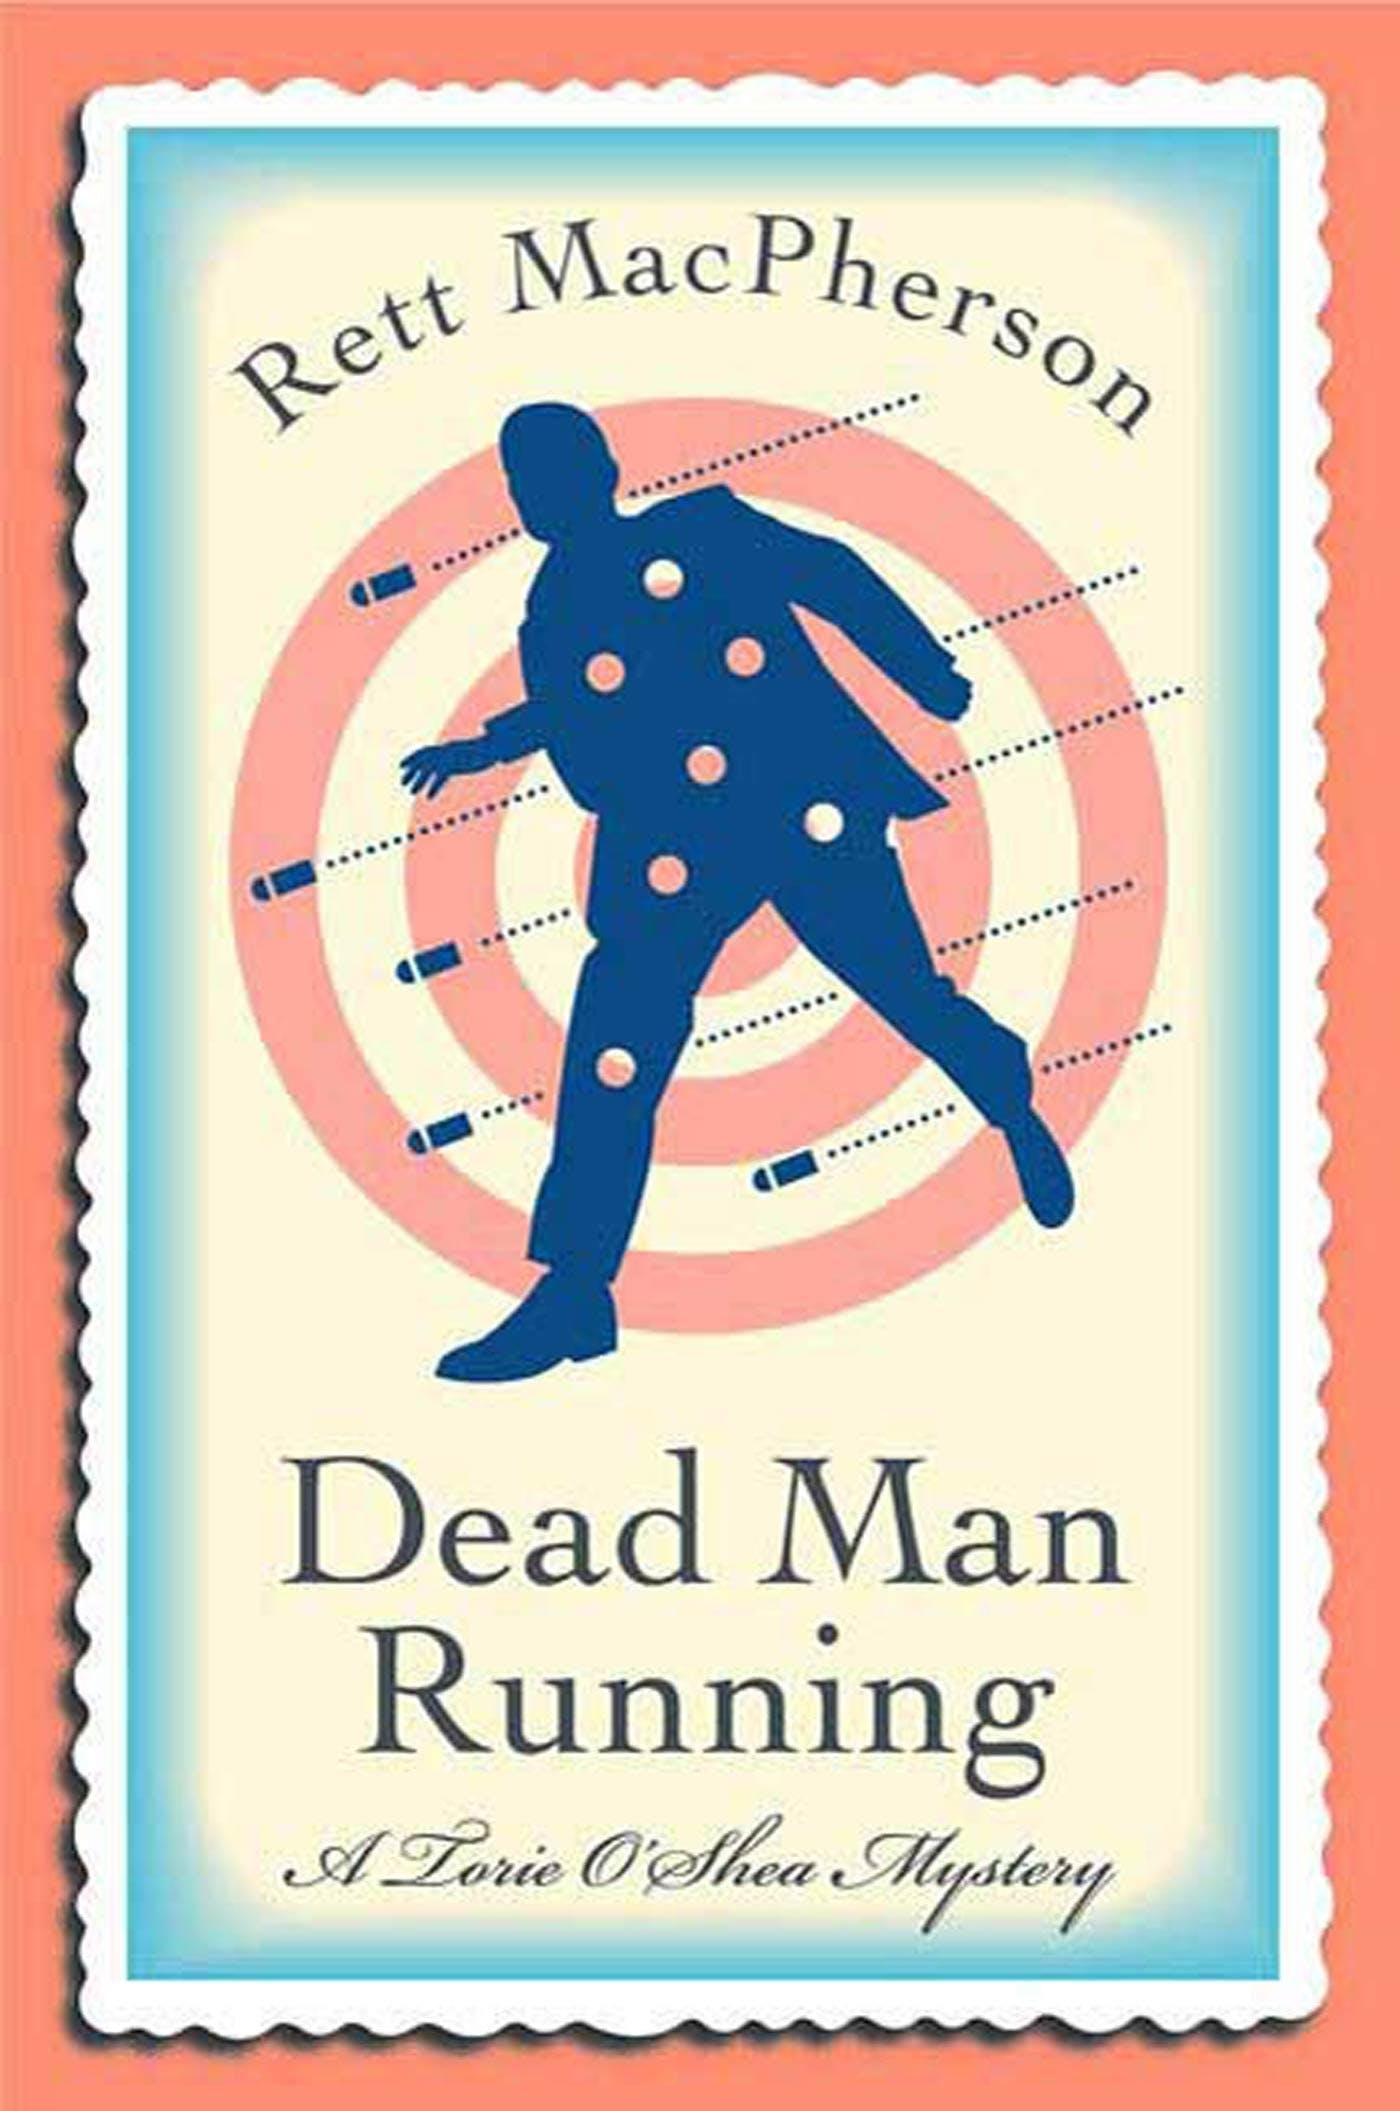 Image of Dead Man Running